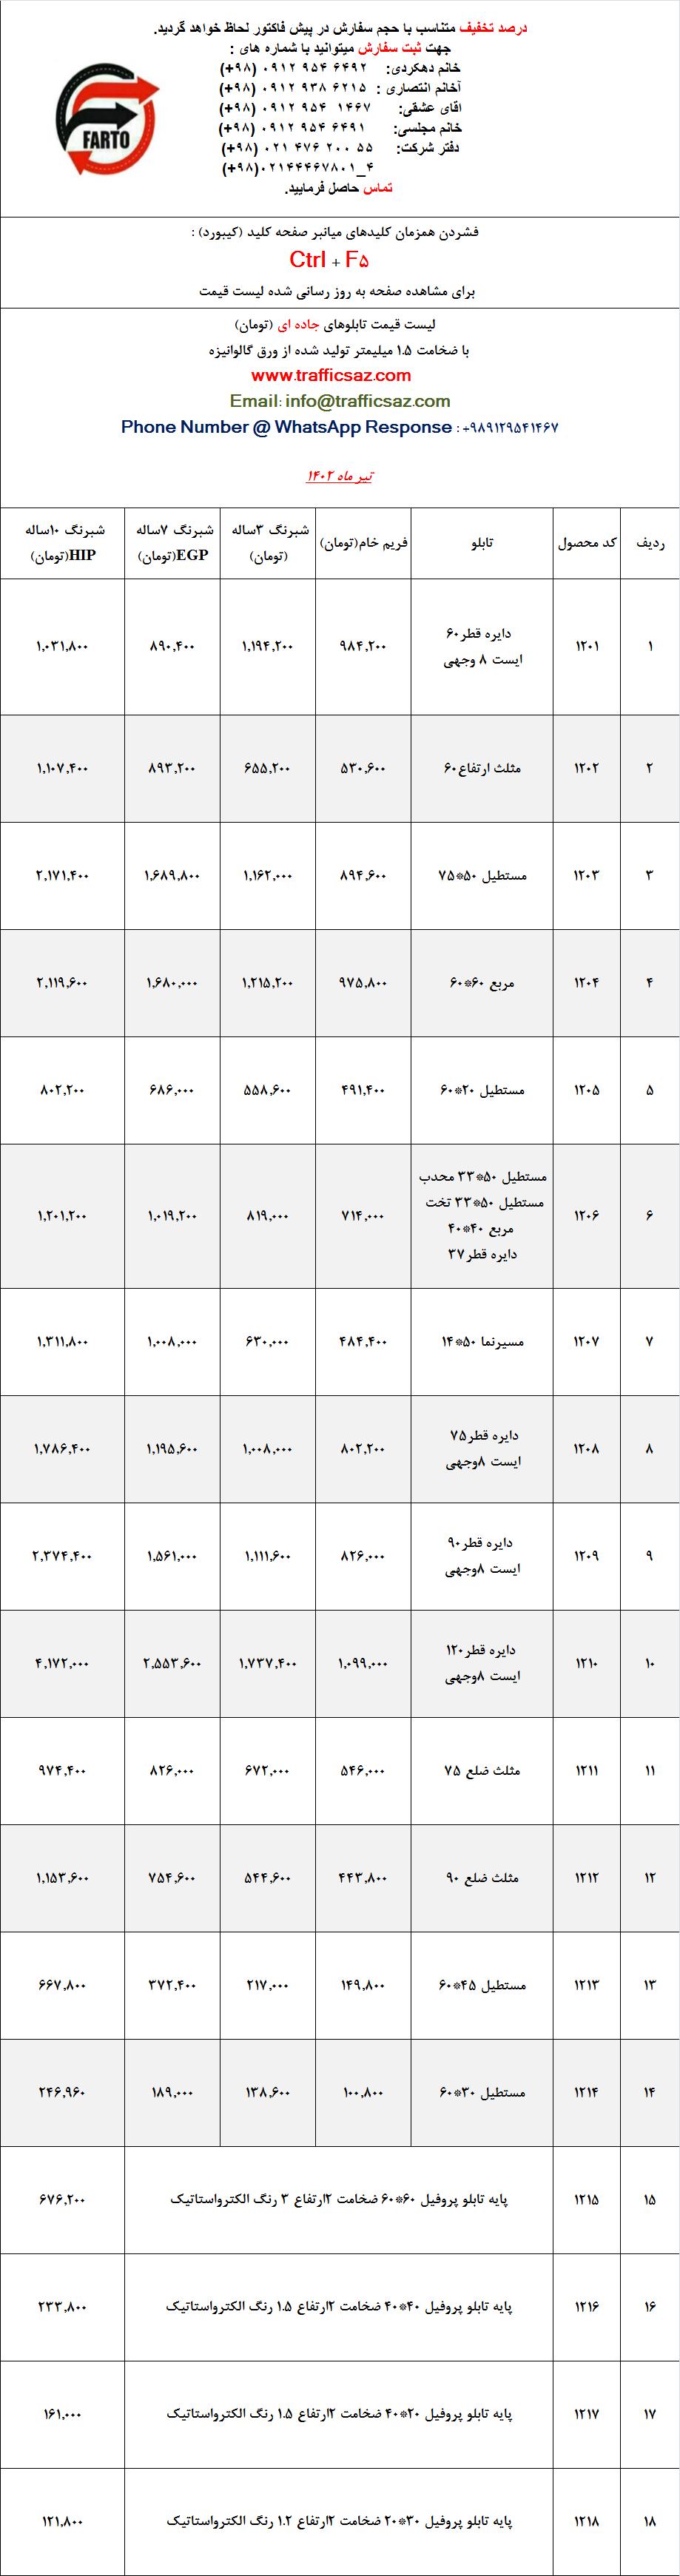 لیست قیمت تولید تابلوهای جاده ای ورقی توسط شرکت های تولید کننده تجهیزات ترافیکی